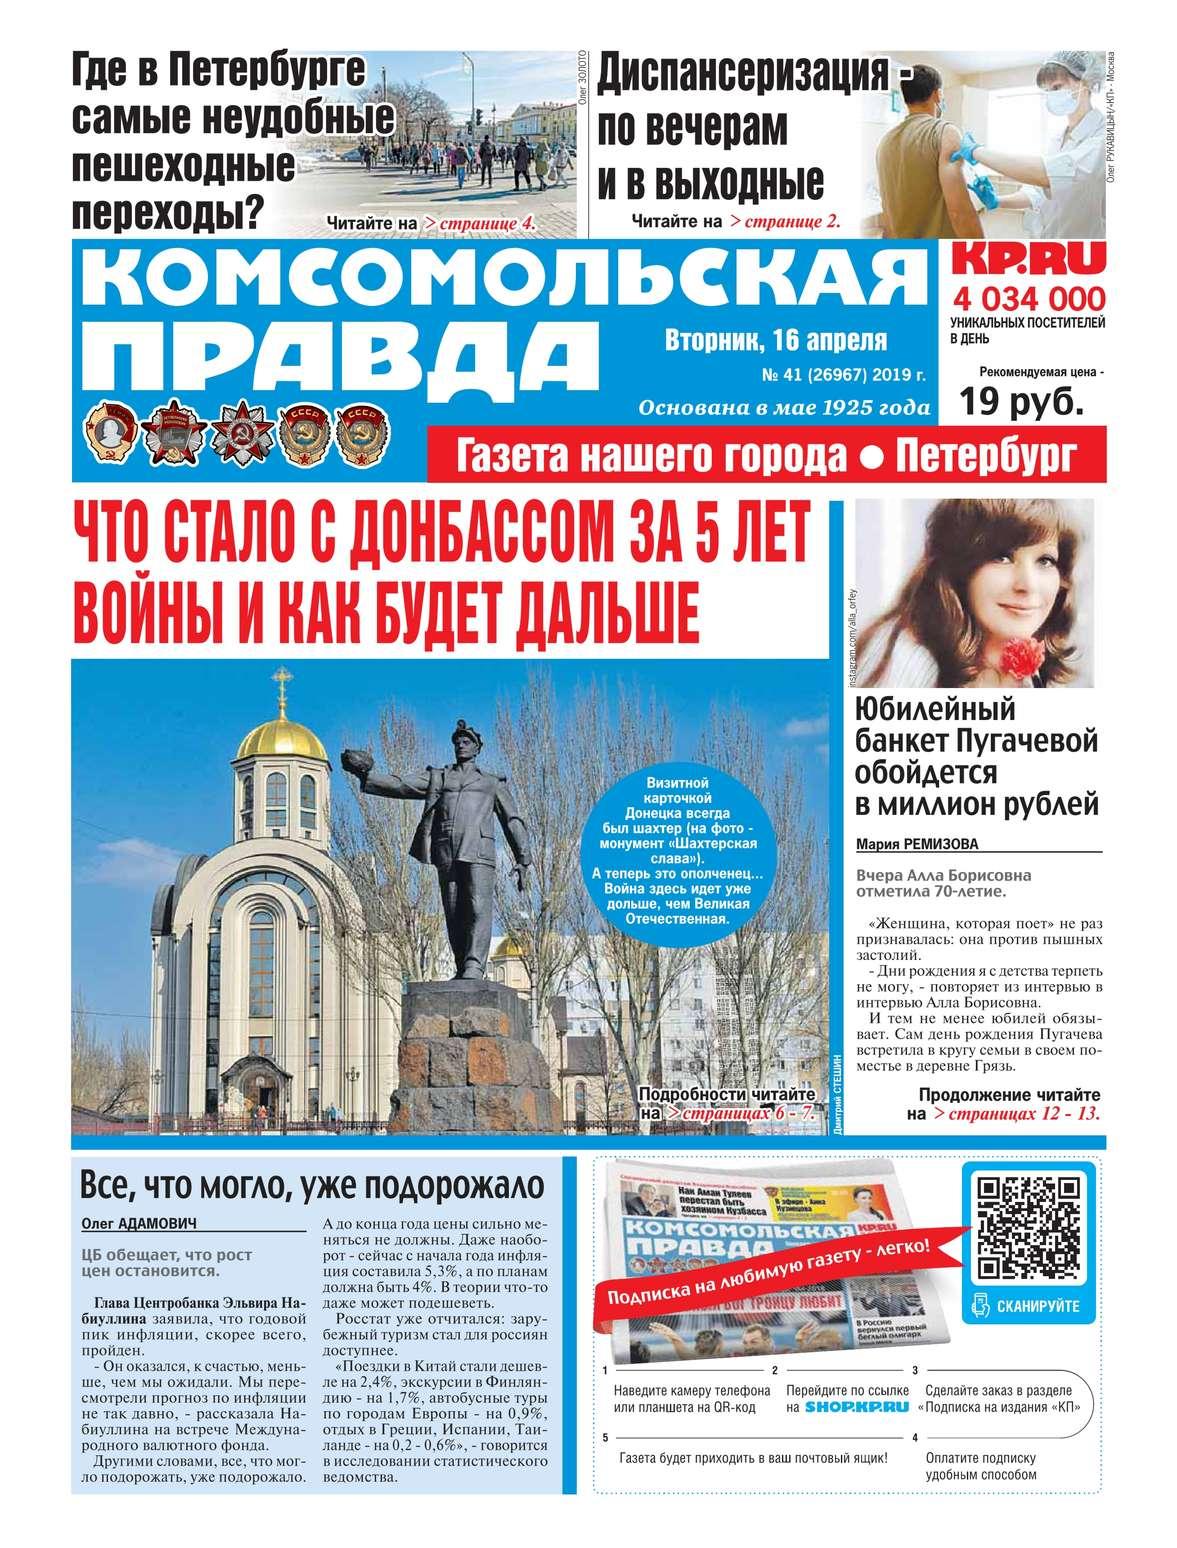 Комсомольская Правда. Санкт-Петербург 41-2019